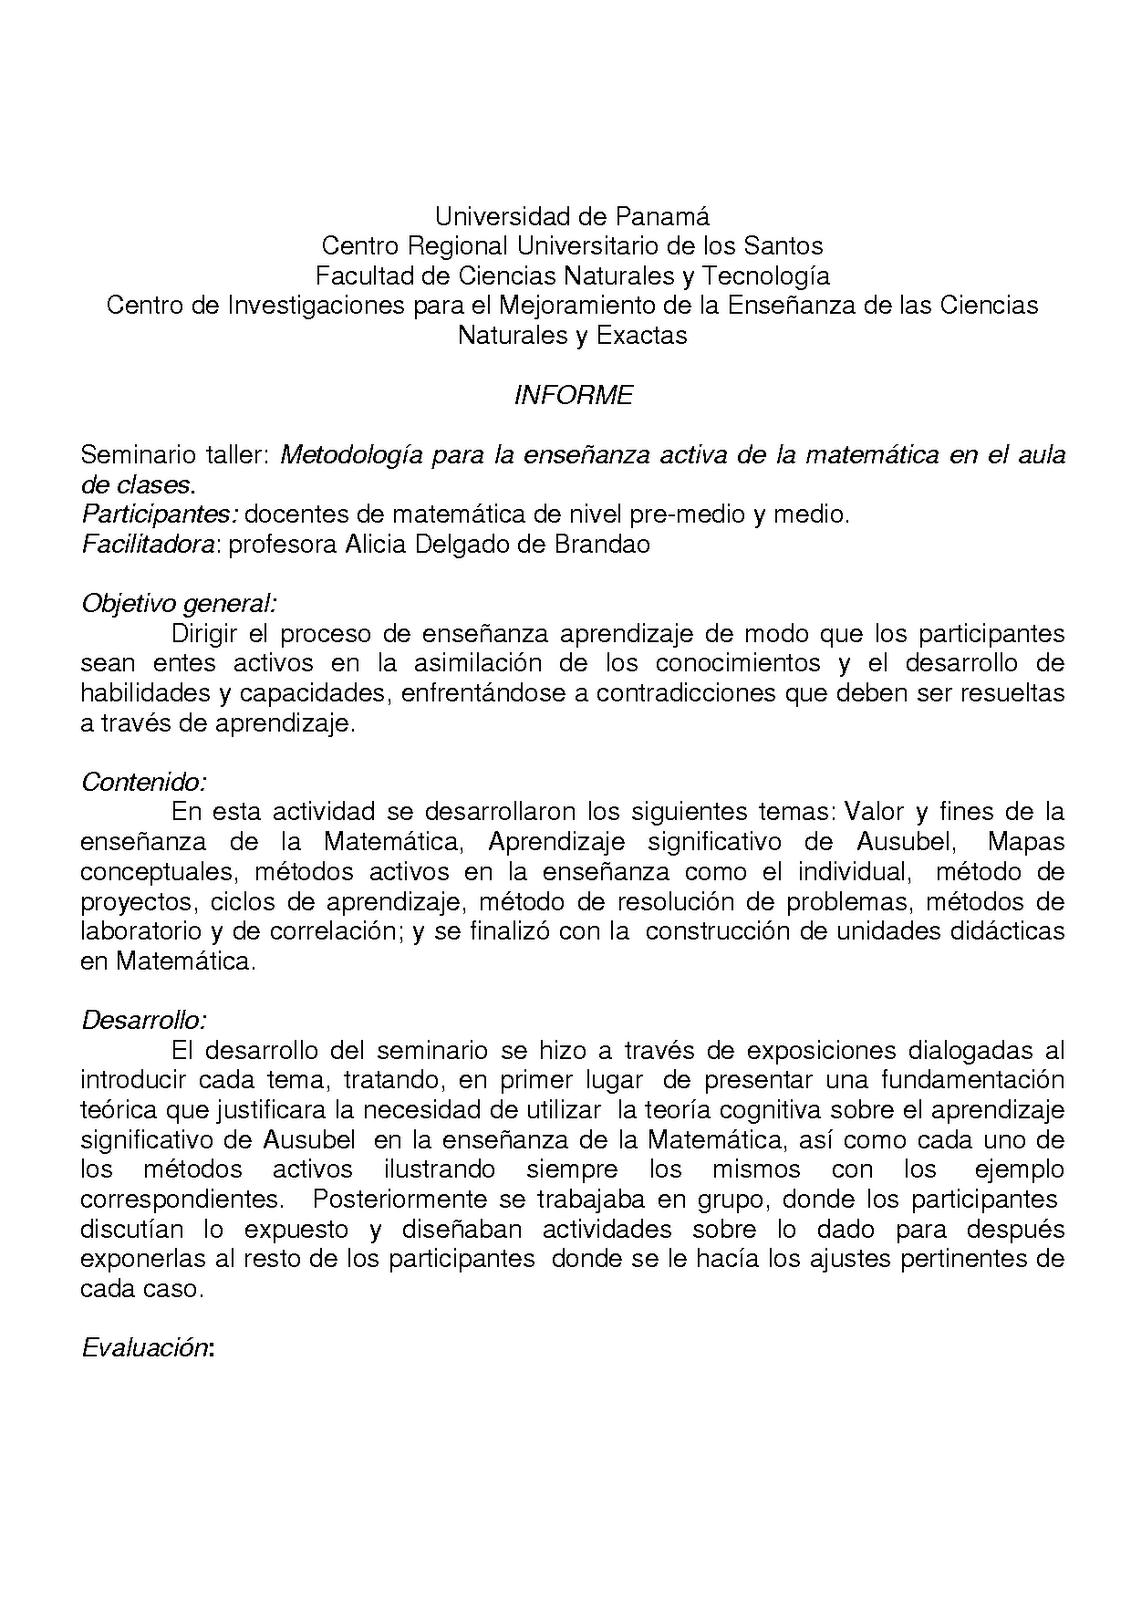 BOSQUEJOS: TEXTOS COMERCIALES: MEMORANDO, CIRCULAR, INFORME, CARTA ...